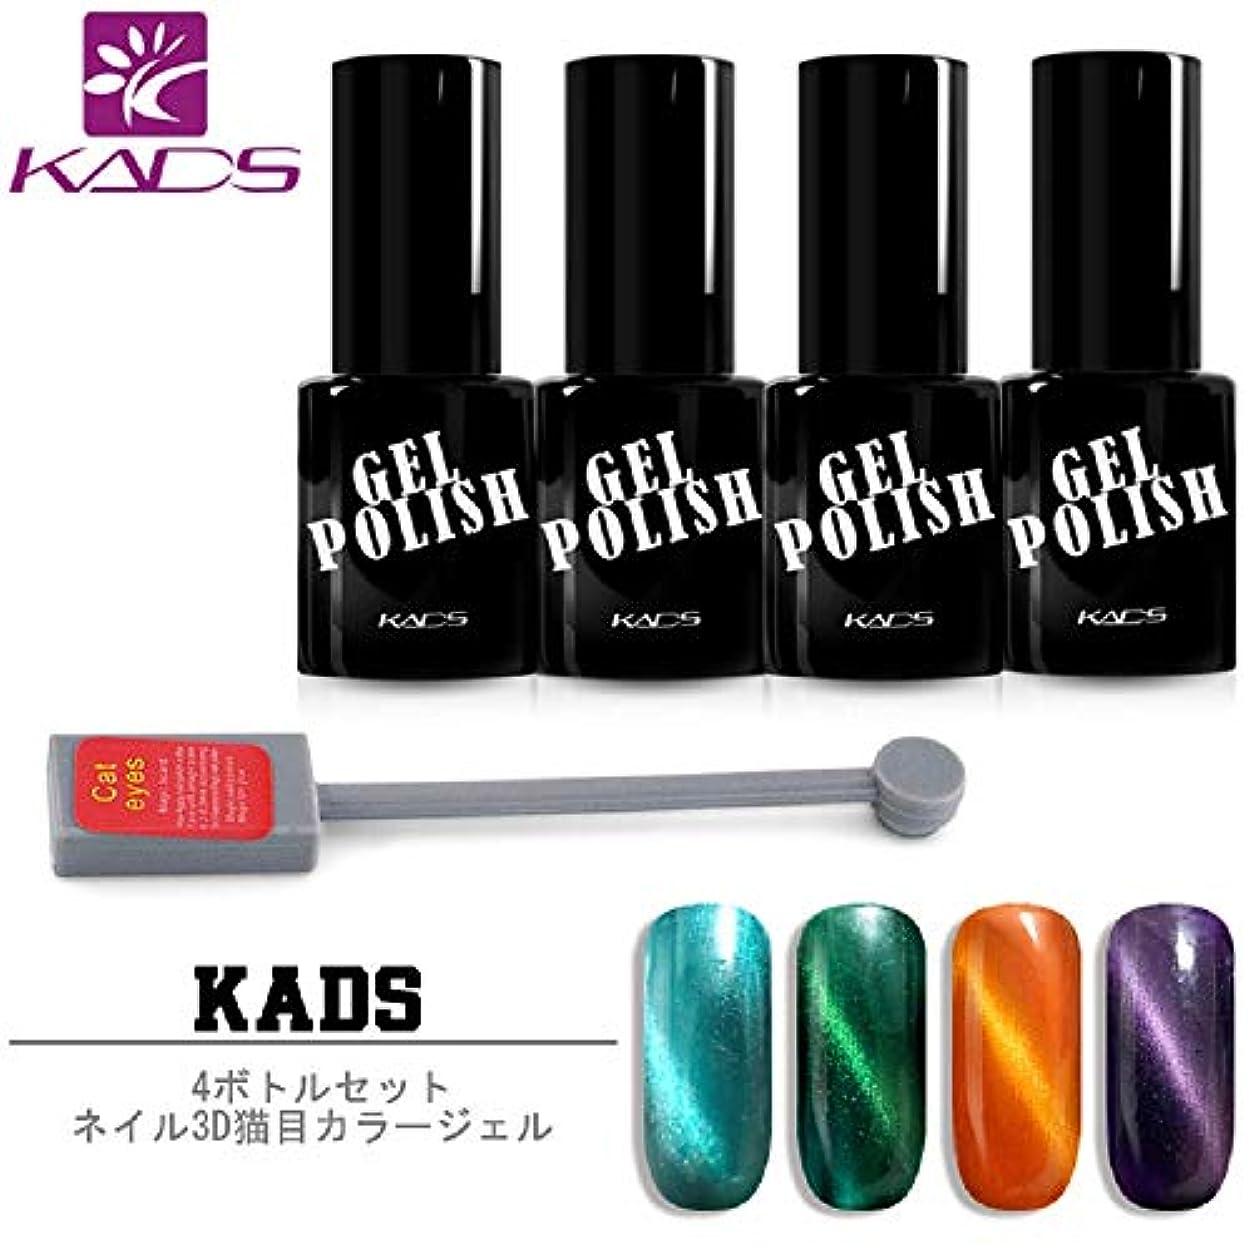 強調レギュラーバルブKADS キャッツアイジェル ジェルネイル カラーポリッシュ 4色セット 猫目 UV/LED対応 マグネット 磁石付き マニキュアセット (セット2)